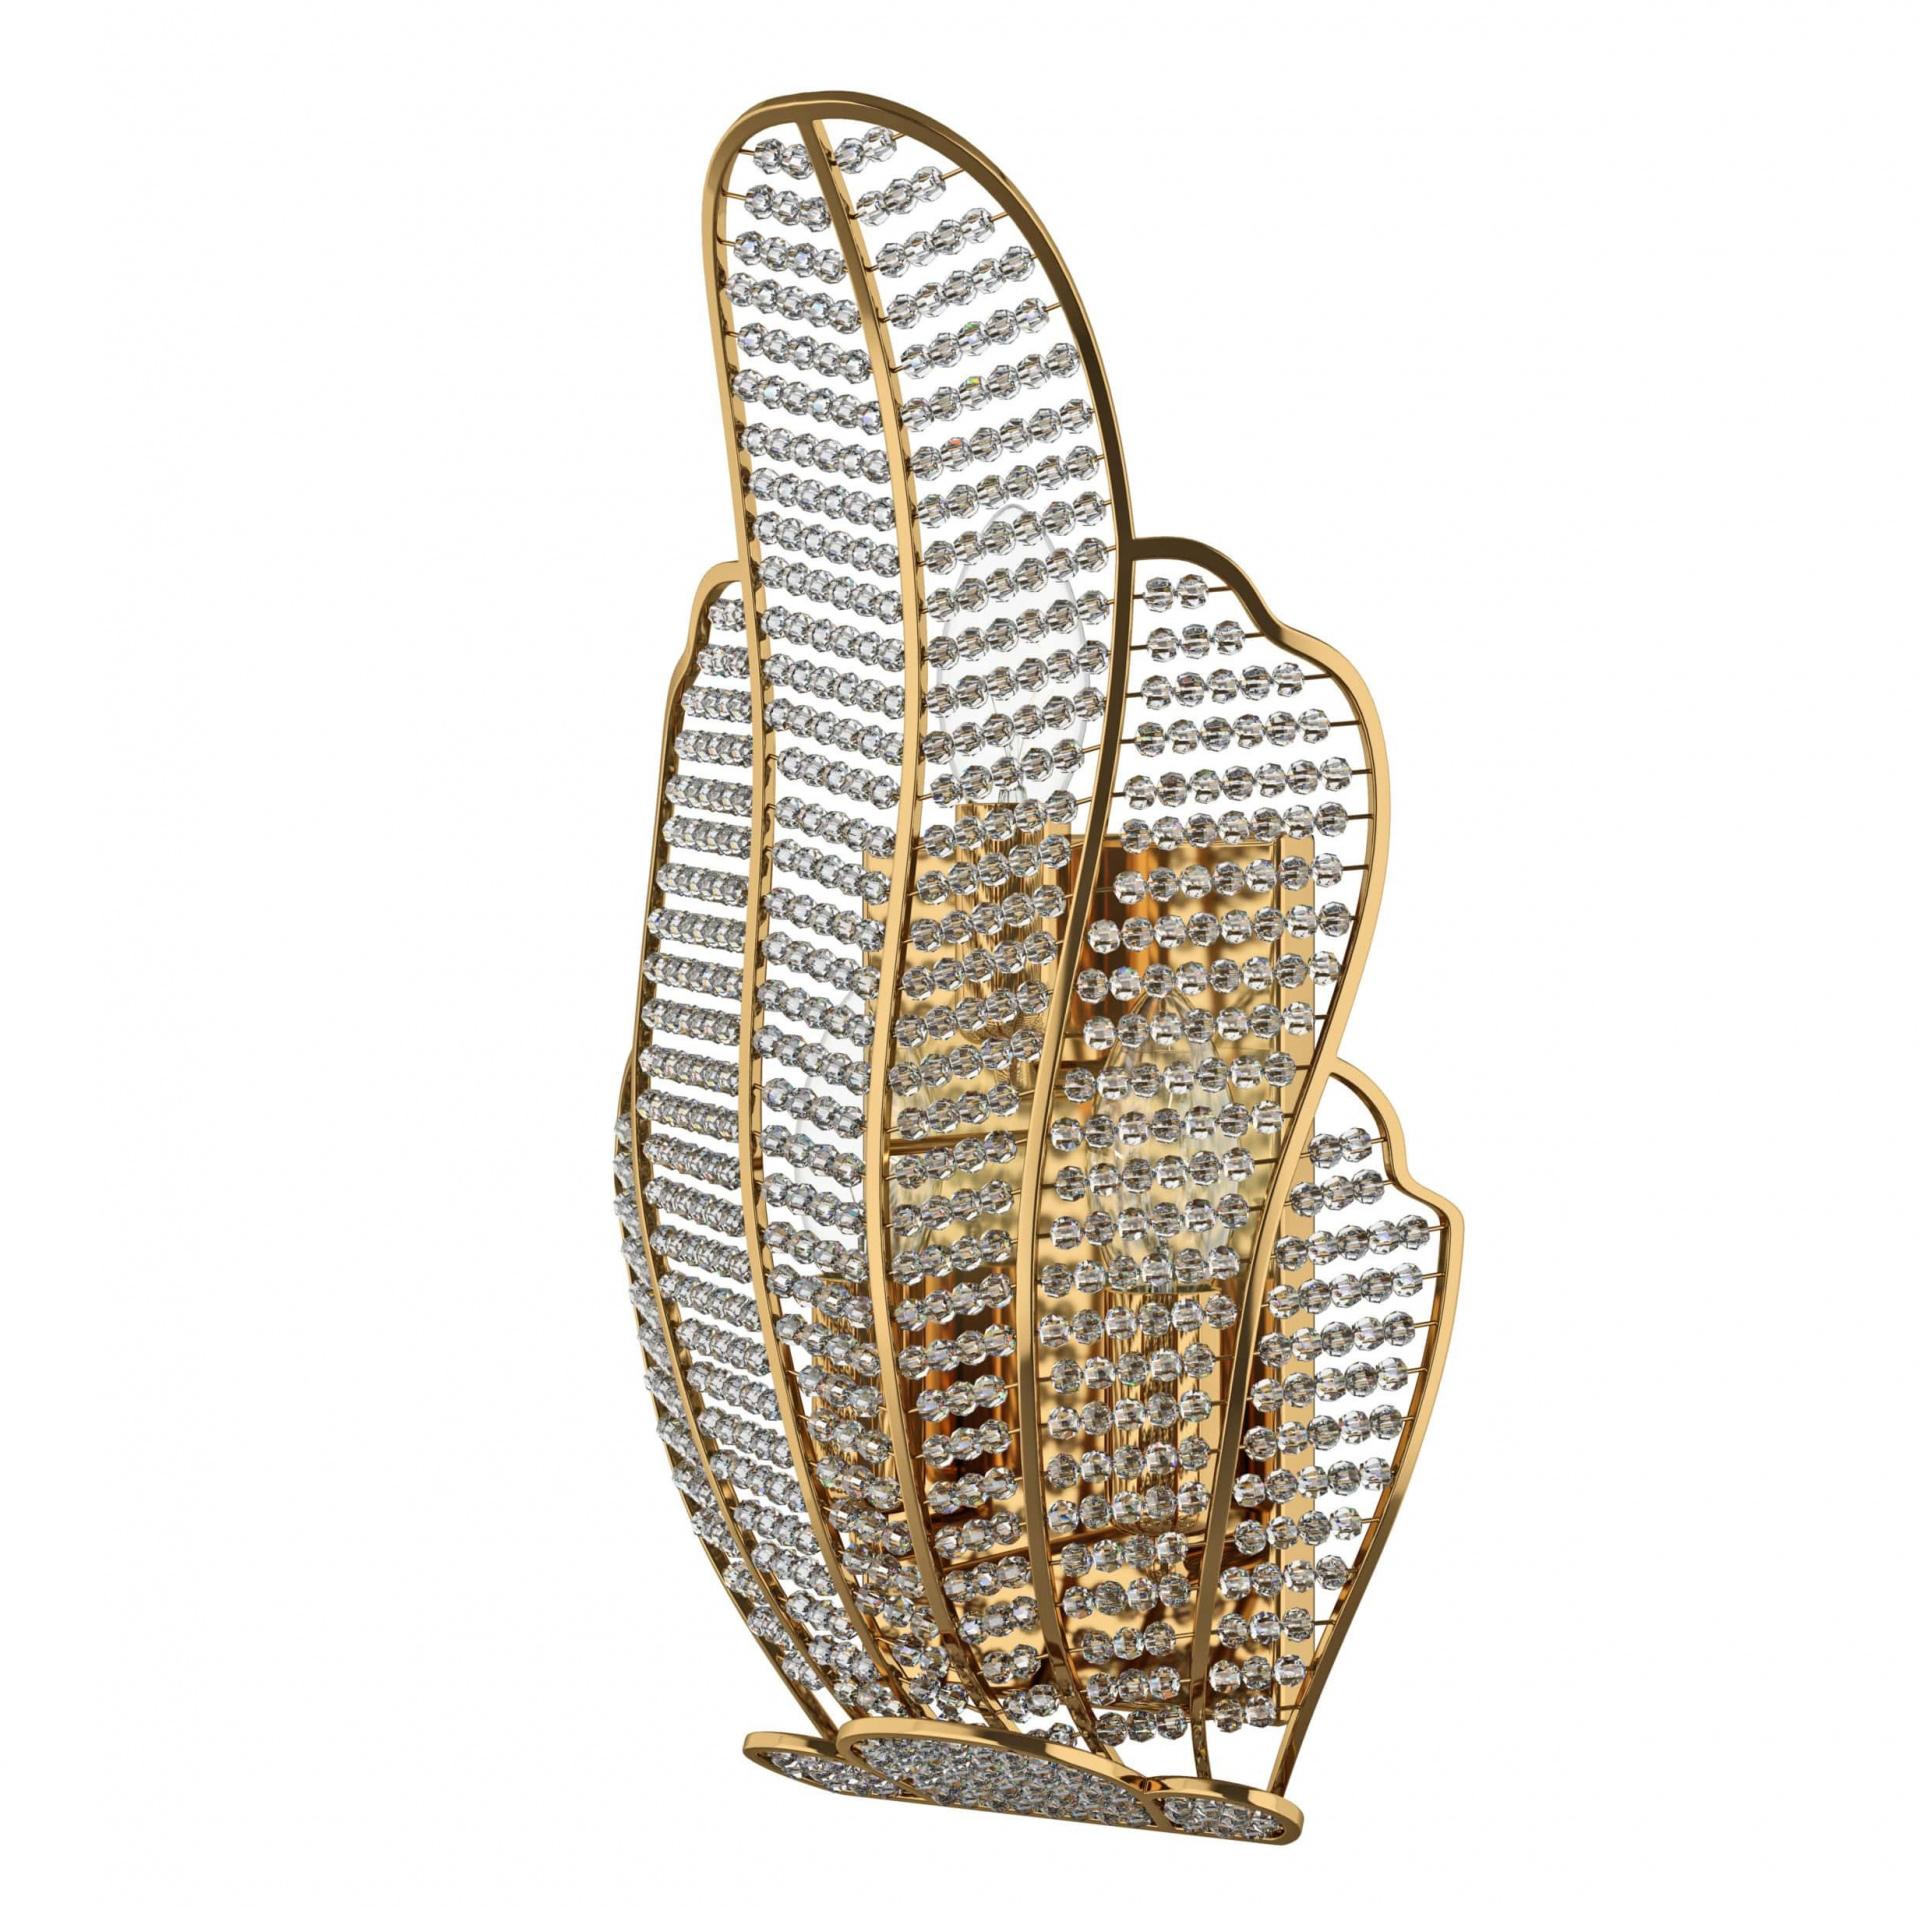 Бра Ricerco 3х60W E14 золото Osgona 705632, купить в СПб, Москве, с доставкой, Санкт-Петербург, интернет-магазин люстр и светильников Starlight, фото в жизни